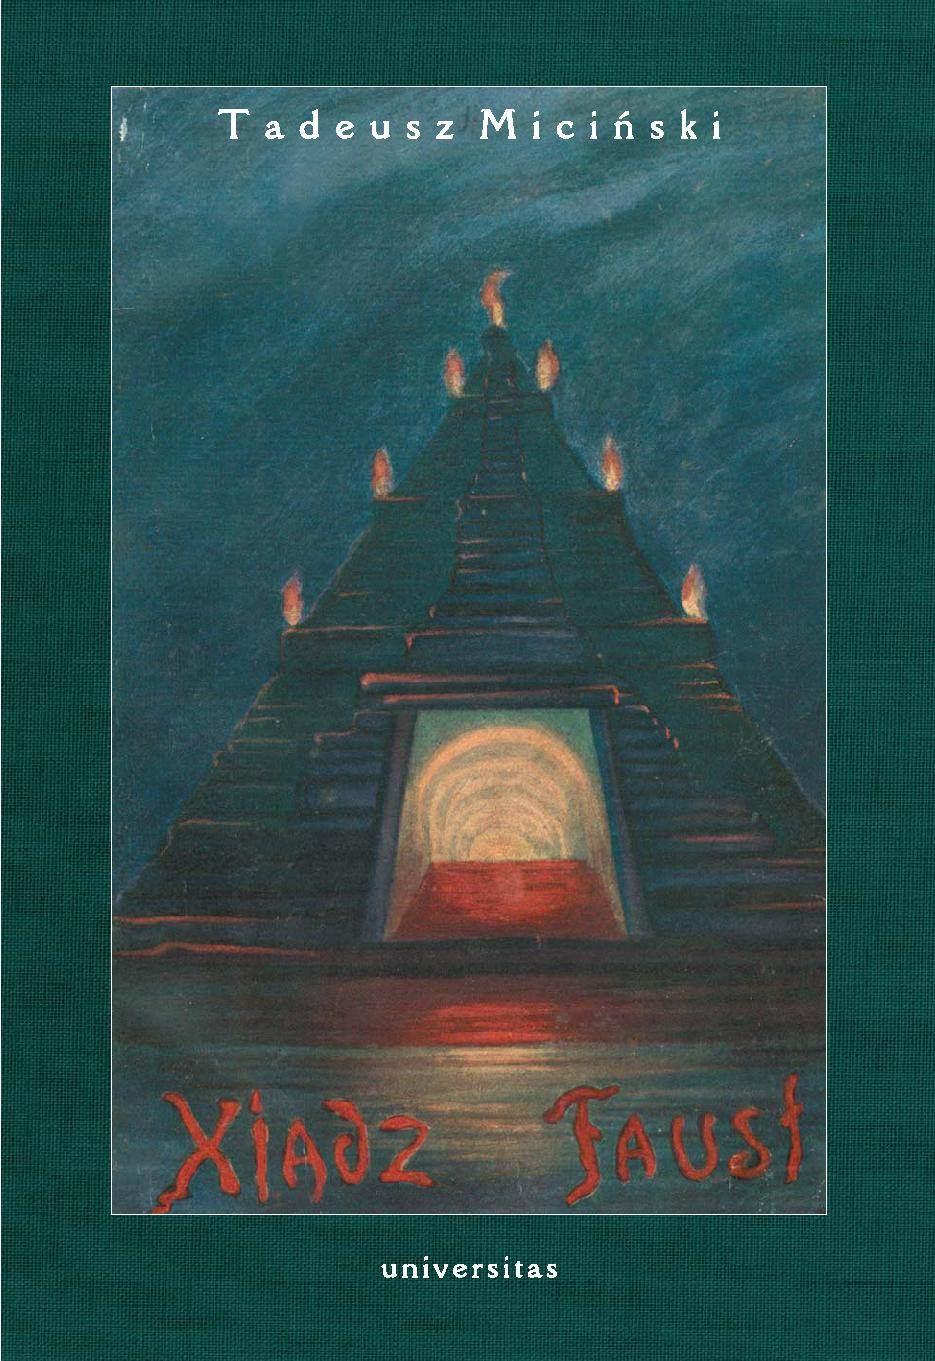 Xiądz Faust - Ebook (Książka PDF) do pobrania w formacie PDF